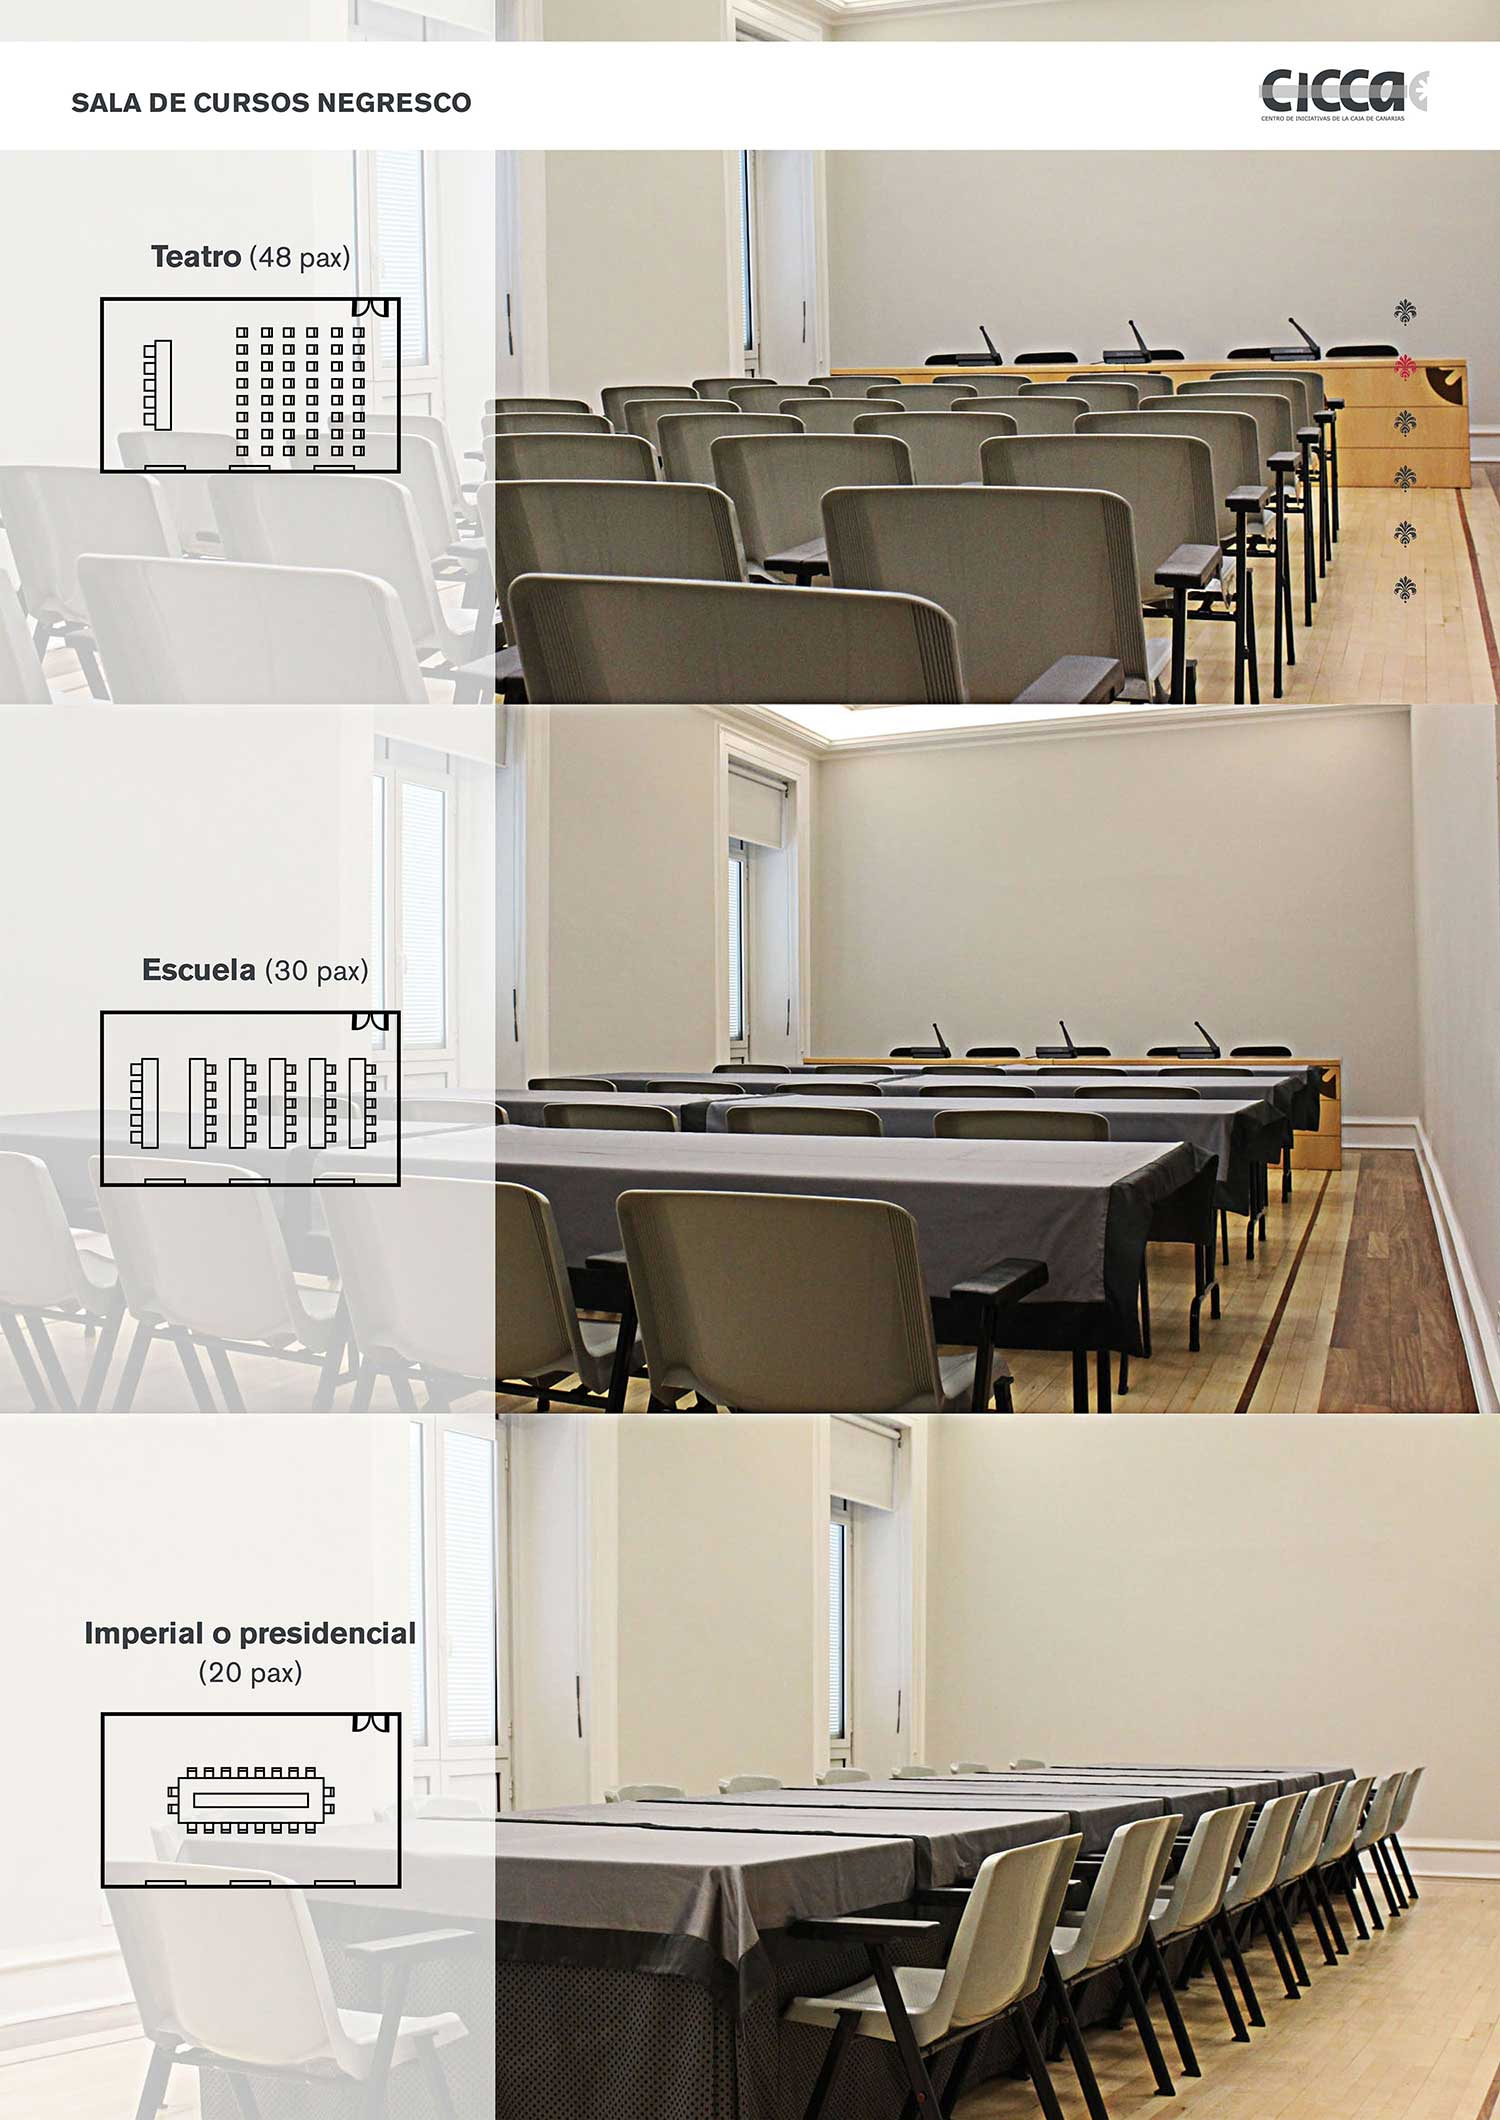 Sala de cursos Negresco